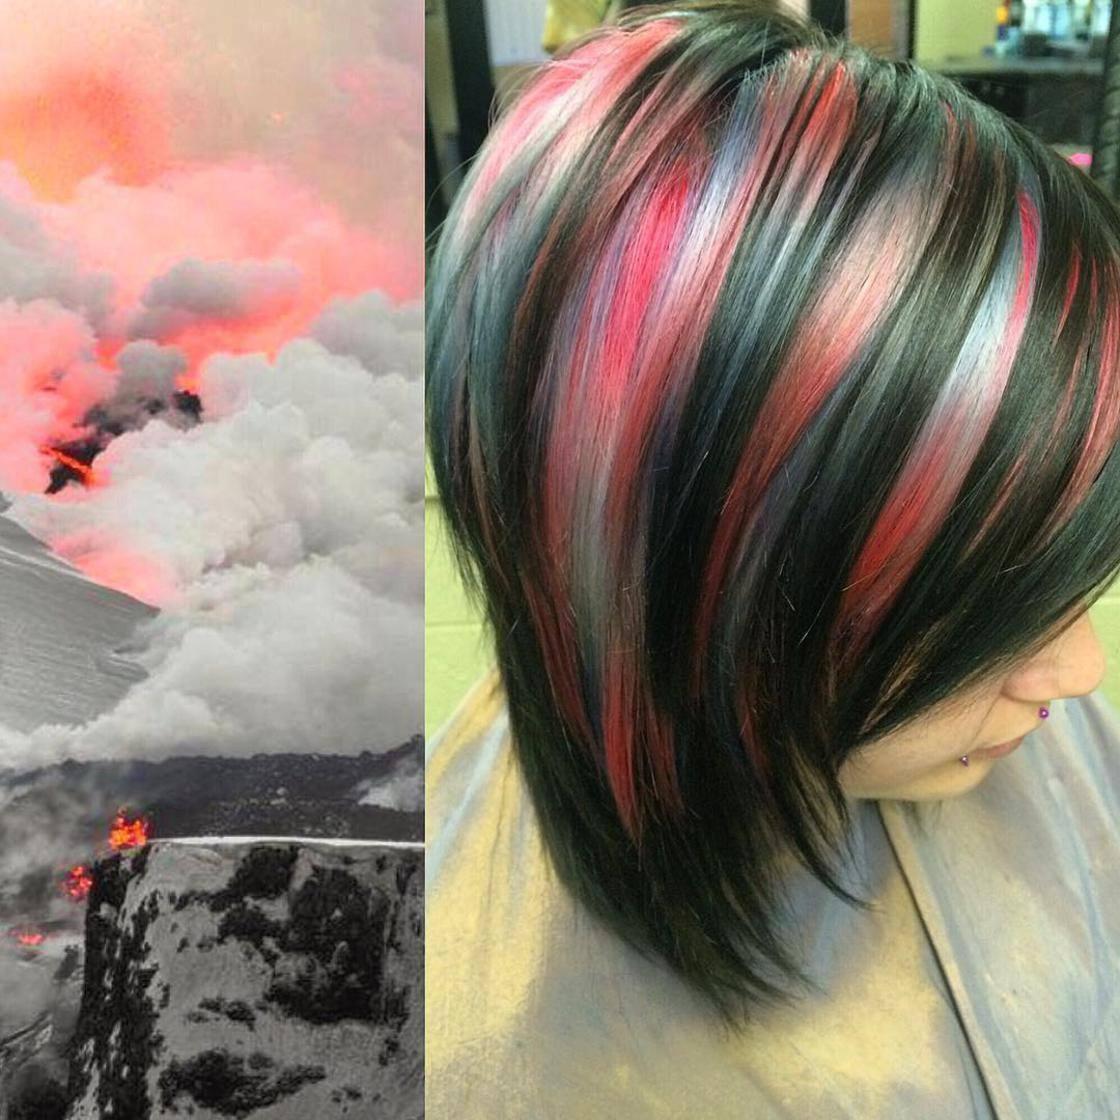 Artista se inspira em imagens fantásticas para mudar a cor do cabelo 4